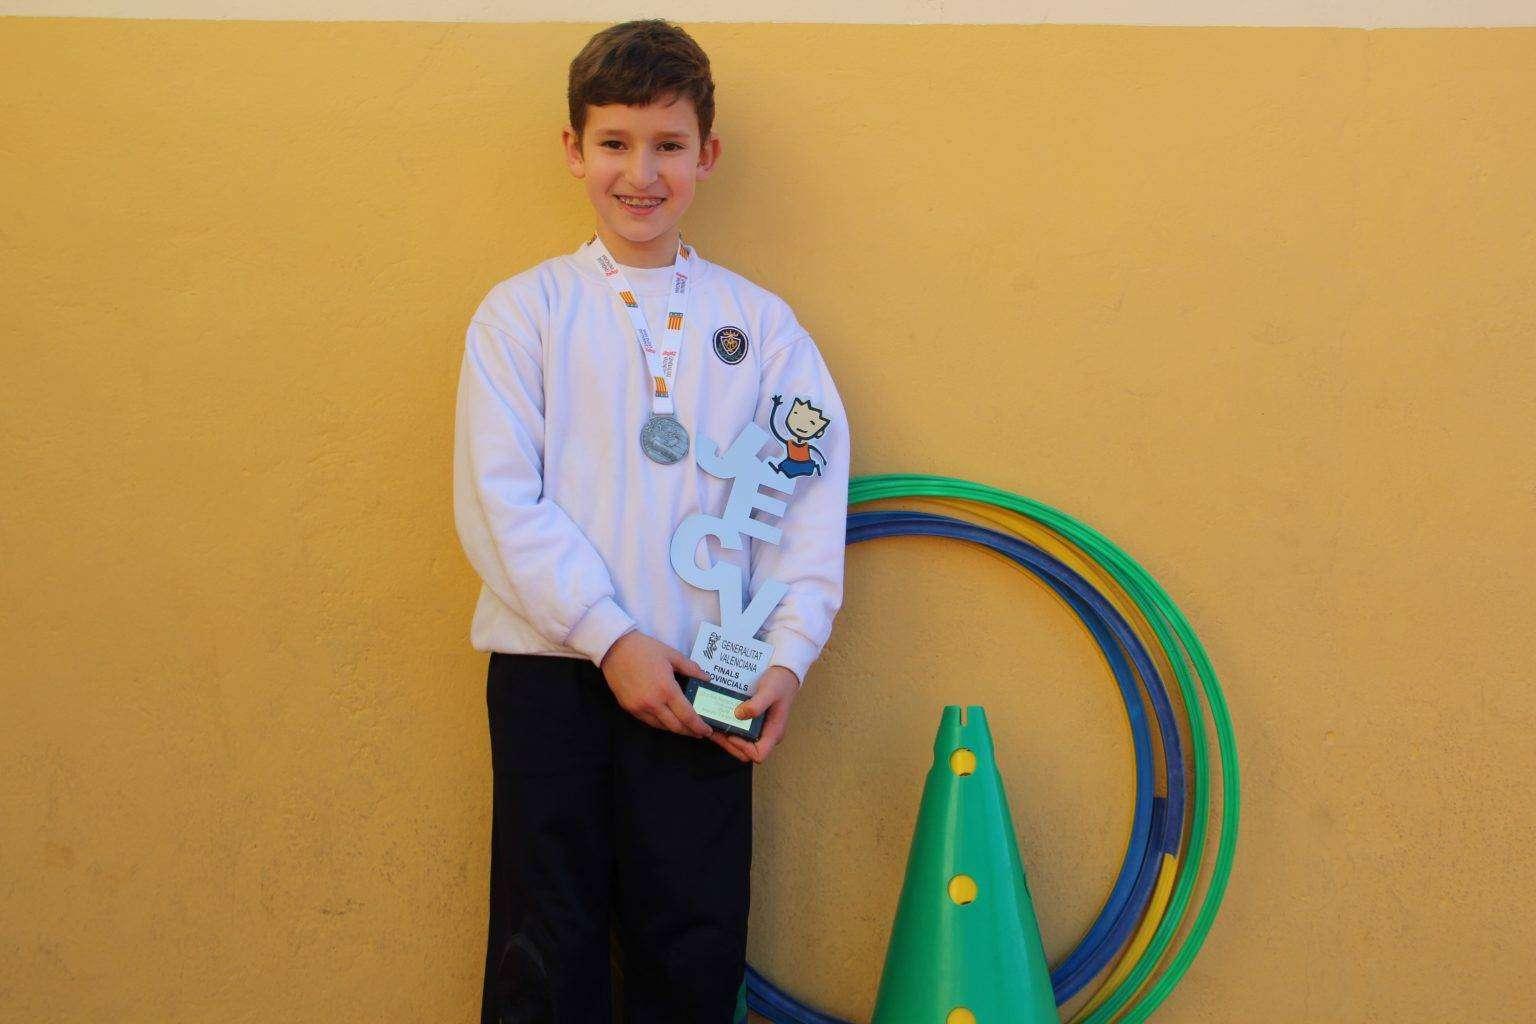 Niño con la copa de oro de la categoría benjamín